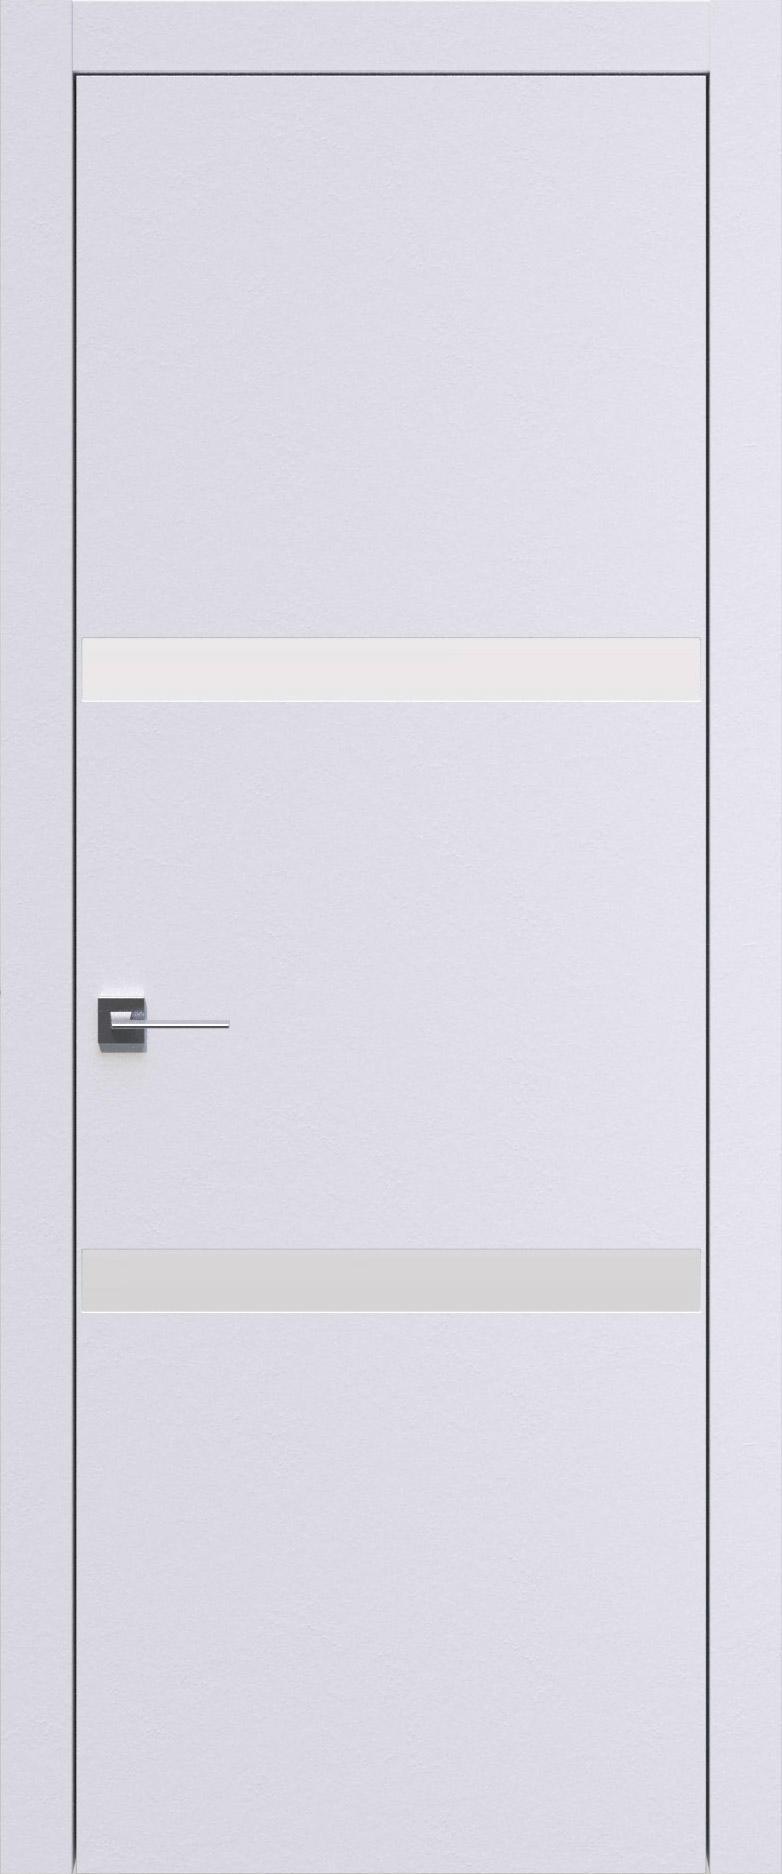 Tivoli В-4 цвет - Арктик белый Без стекла (ДГ)